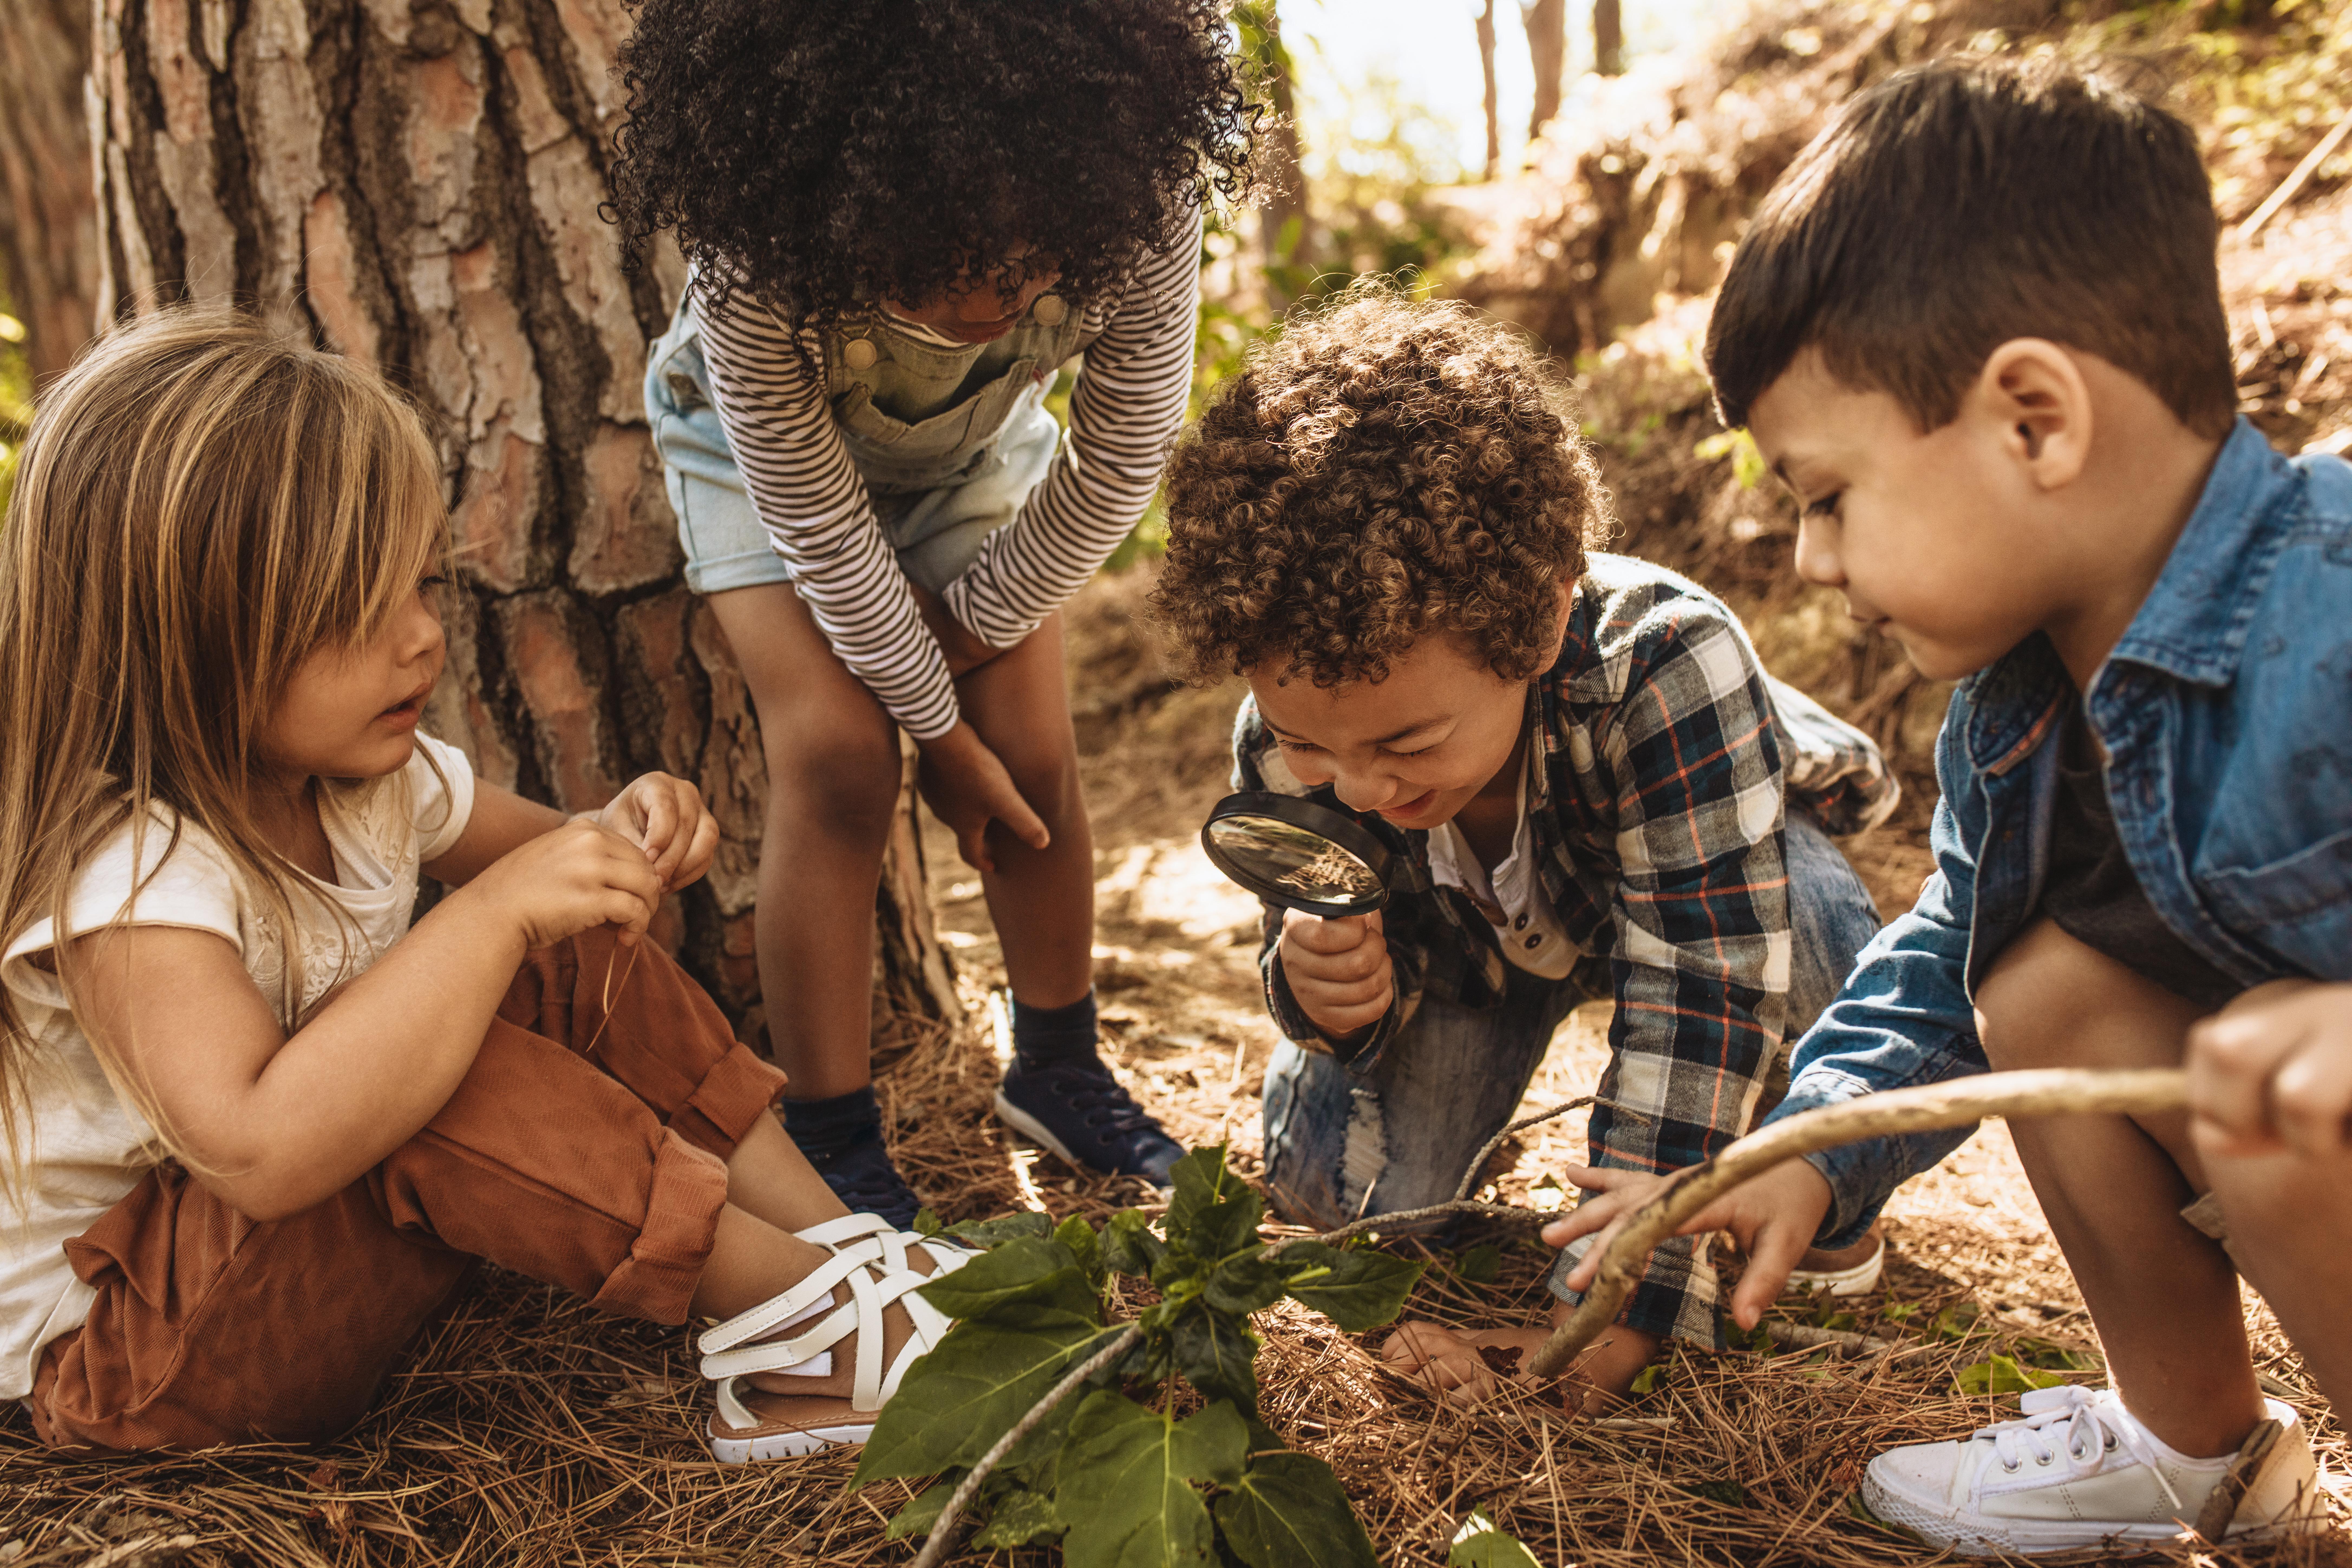 La nature, un terrain d'expérimentation à ciel ouvert pour le développement intellectuel des enfants.